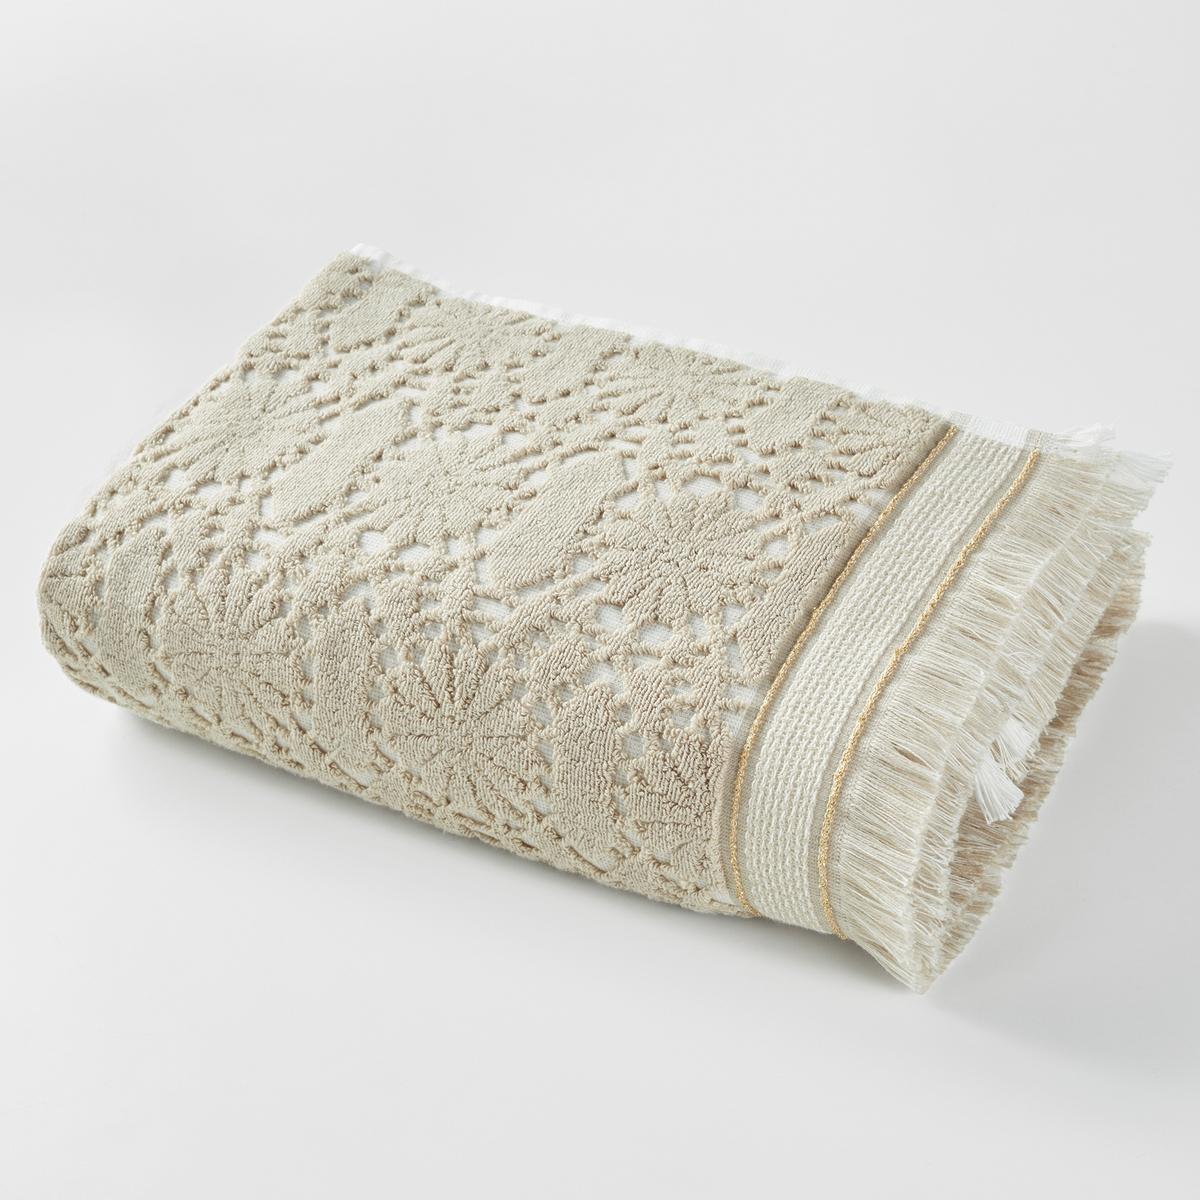 Полотенце банное Purdy, 500 г/м?Полотенце из жаккардовой ткани, 100% хлопка плотностью 500 г/м? с зубчатым рисунком Характеристики банного полотенца Purdyмягкий и пористый ультравпитывающий материал стирать при 40°.Жаккардовая ткань с зубчатым рисунком.Размер банного полотенца Purdy50 x 100 см.<br><br>Цвет: бежевый,сине-зеленый,шафран<br>Размер: 50 x 100  см.50 x 100  см.50 x 100  см